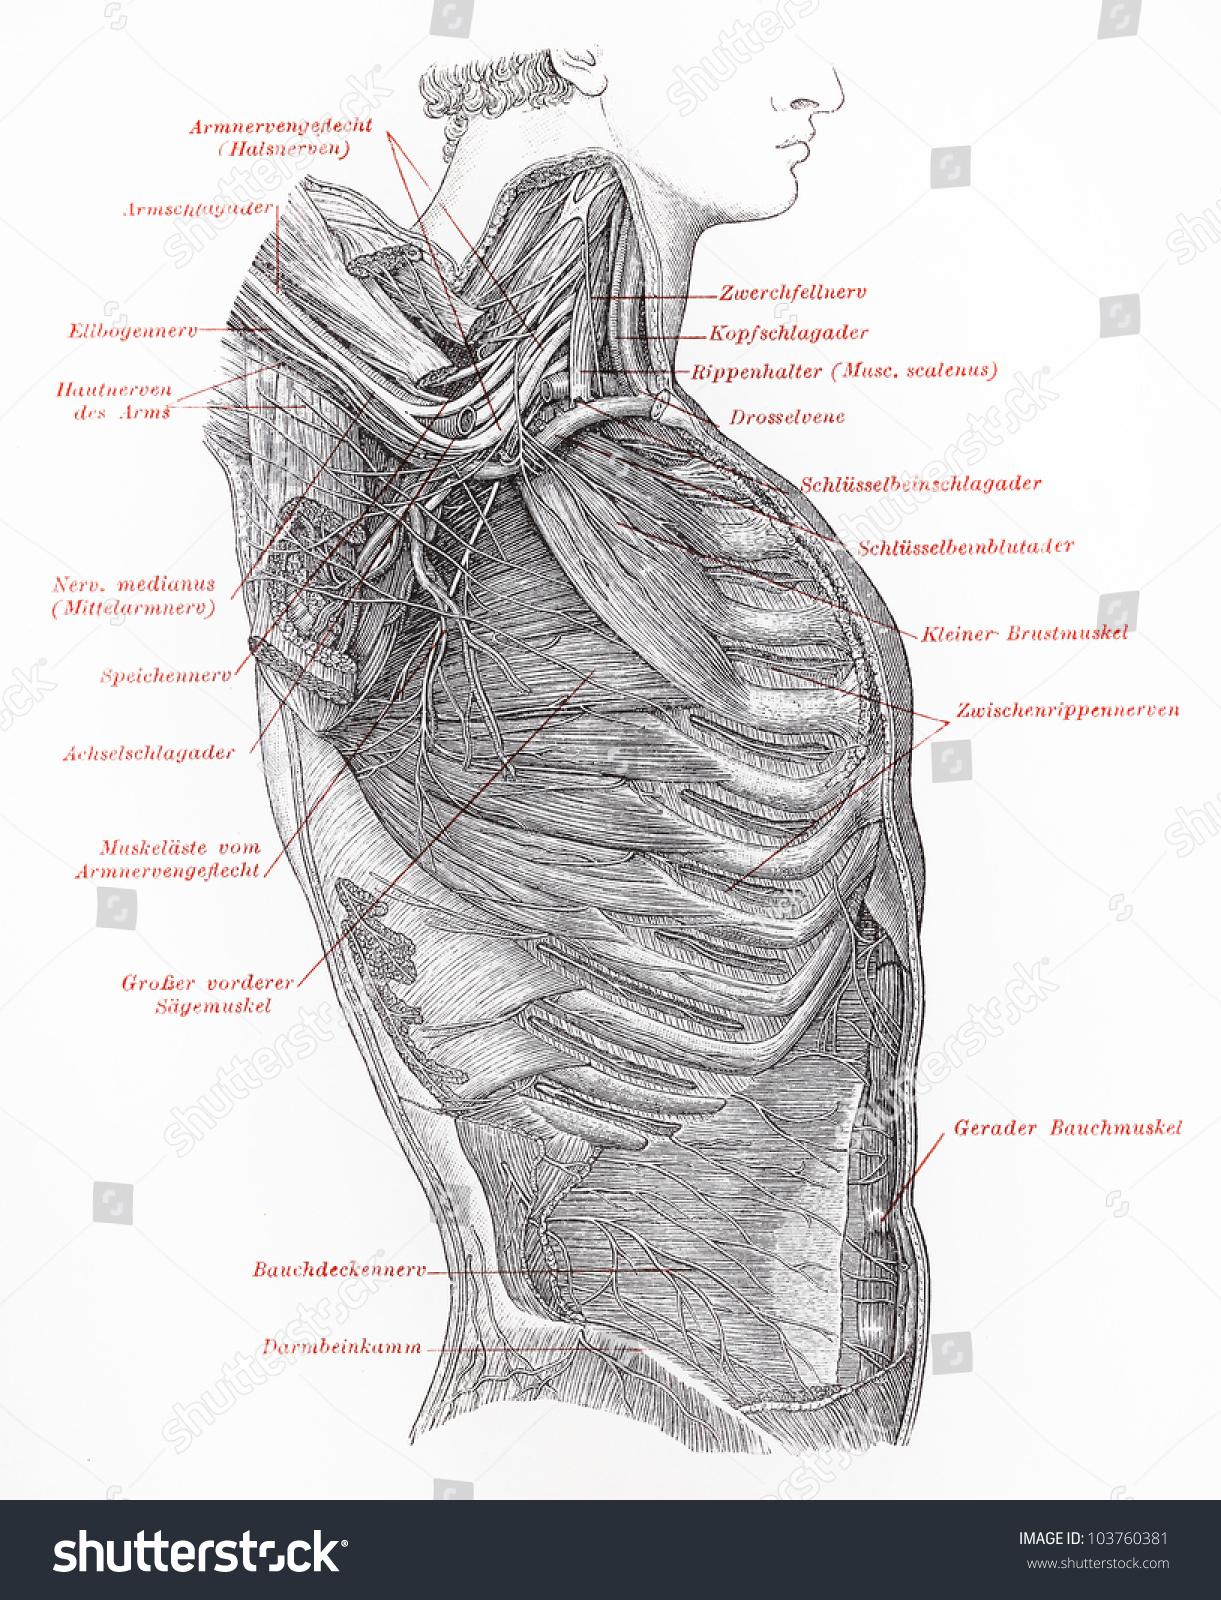 Wunderbar Anatomie Der Knöchel Sehnen Bilder - Menschliche Anatomie ...